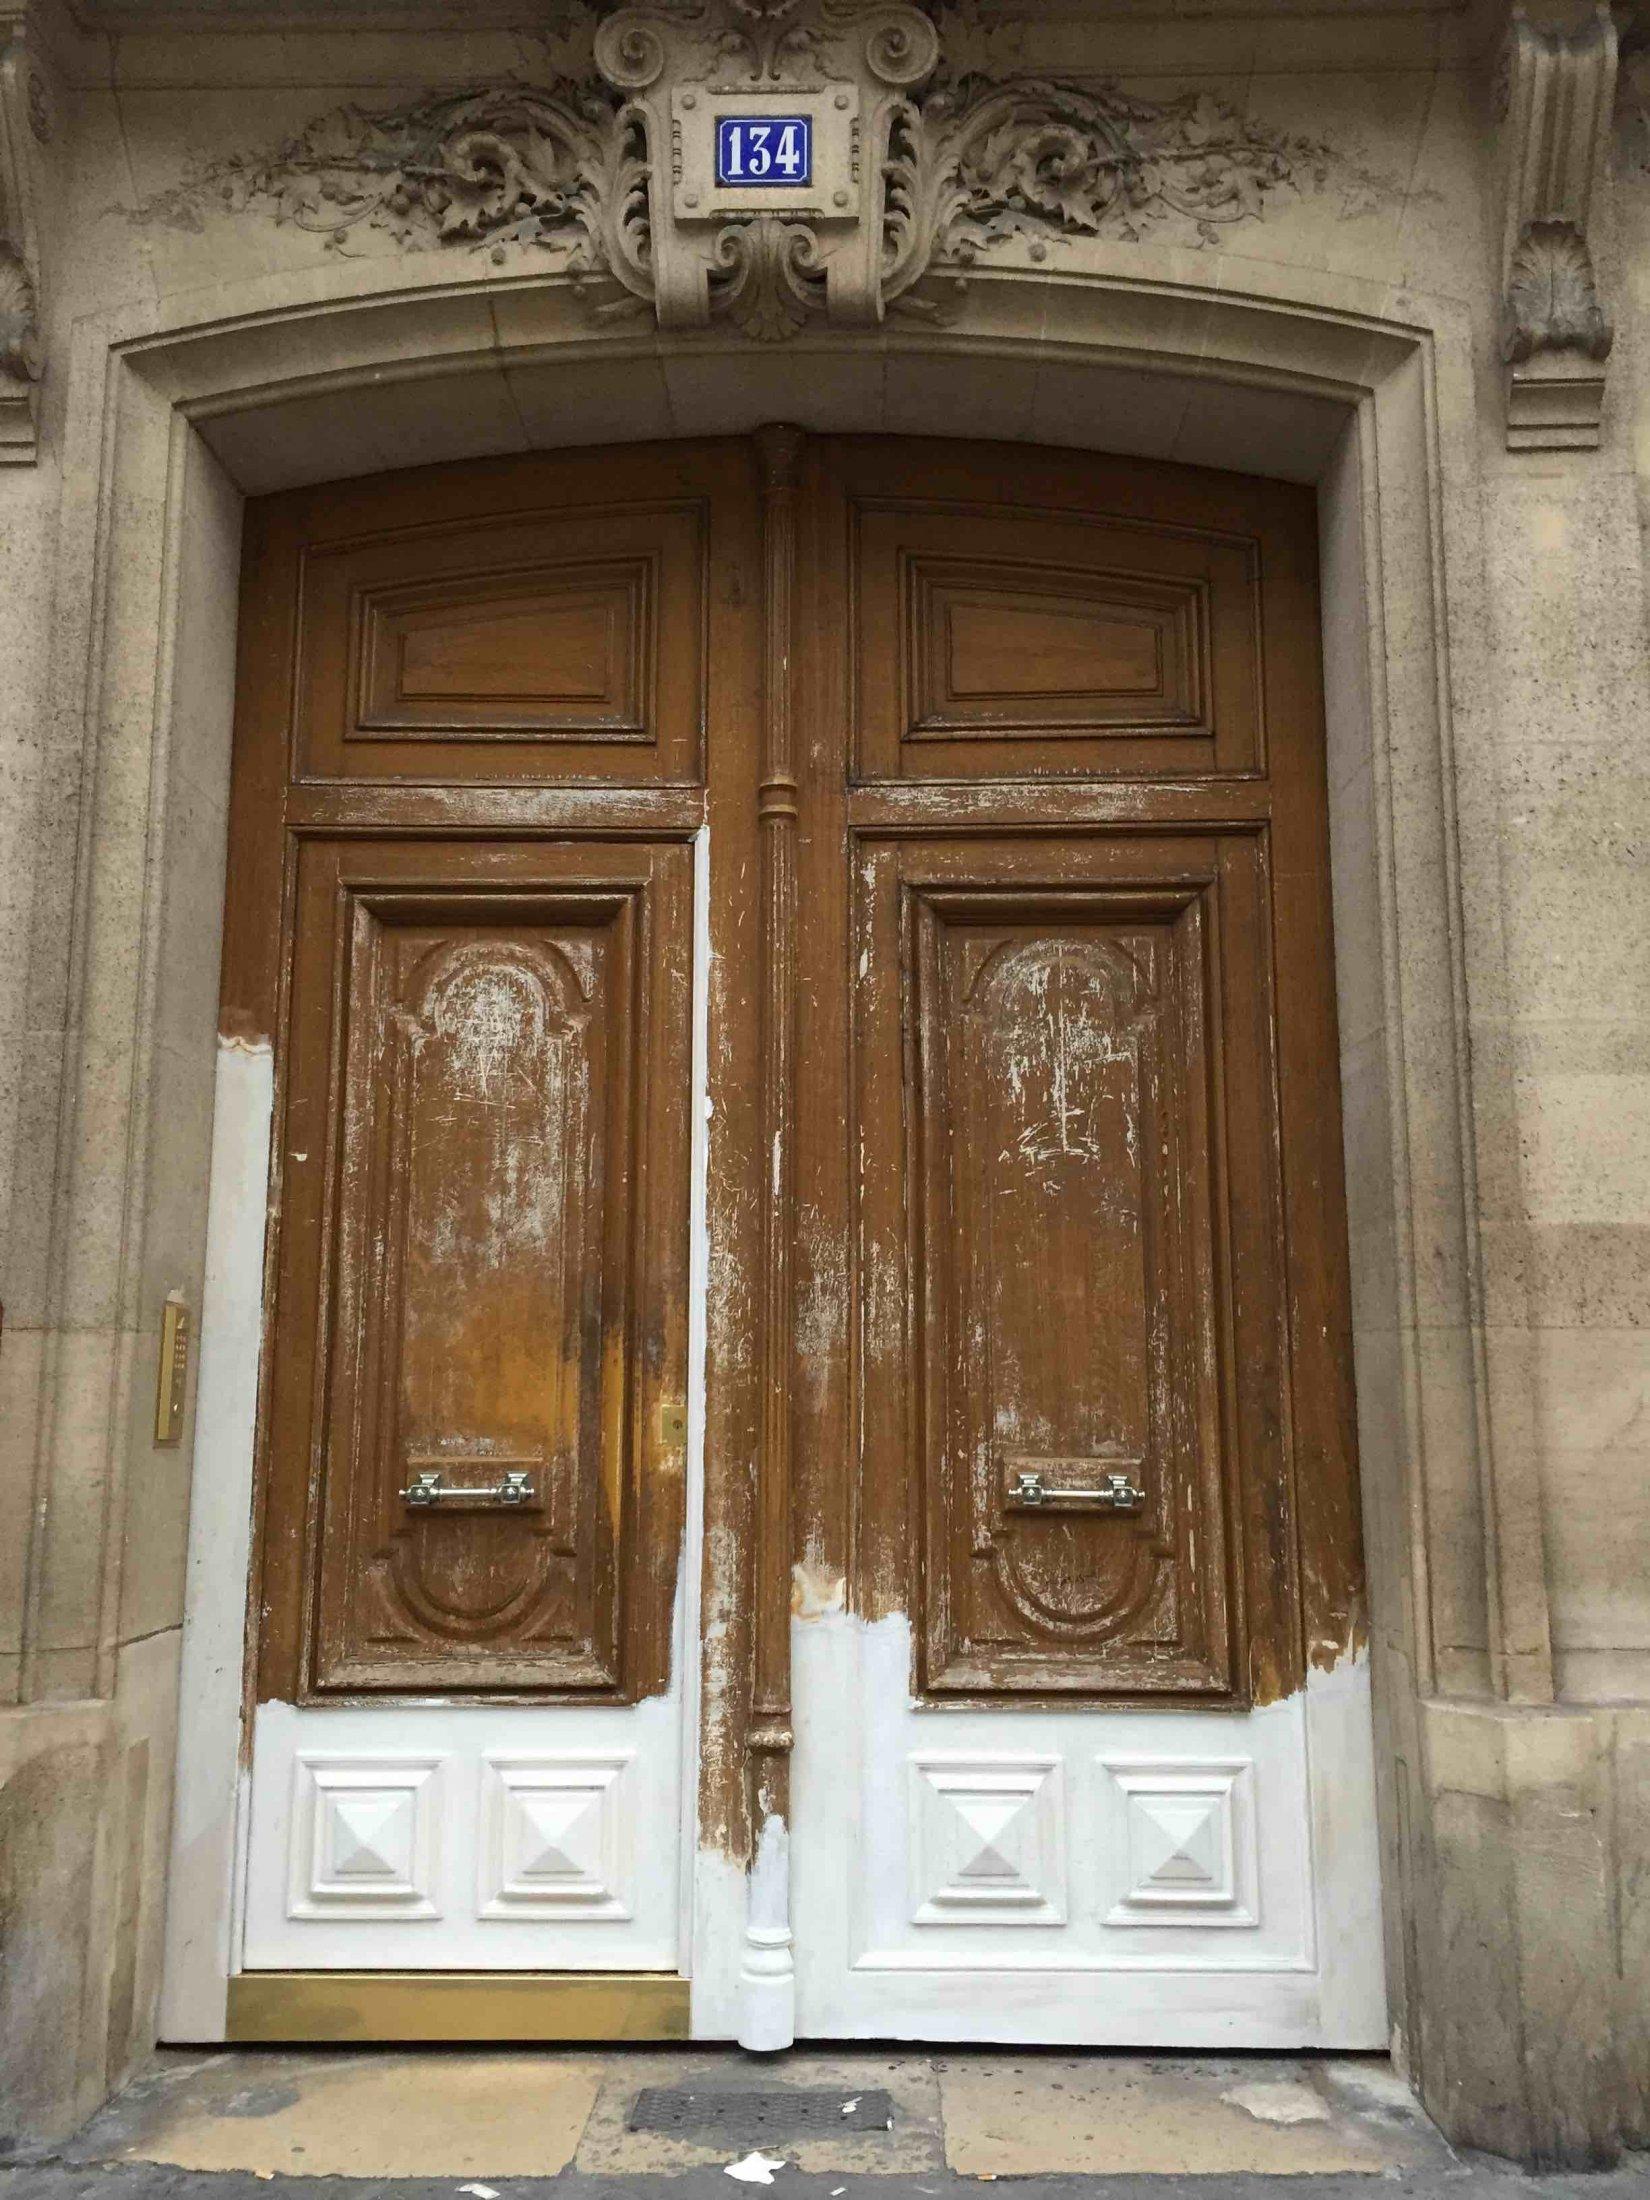 Porte Cochère 134 Bd Saint Germain 9